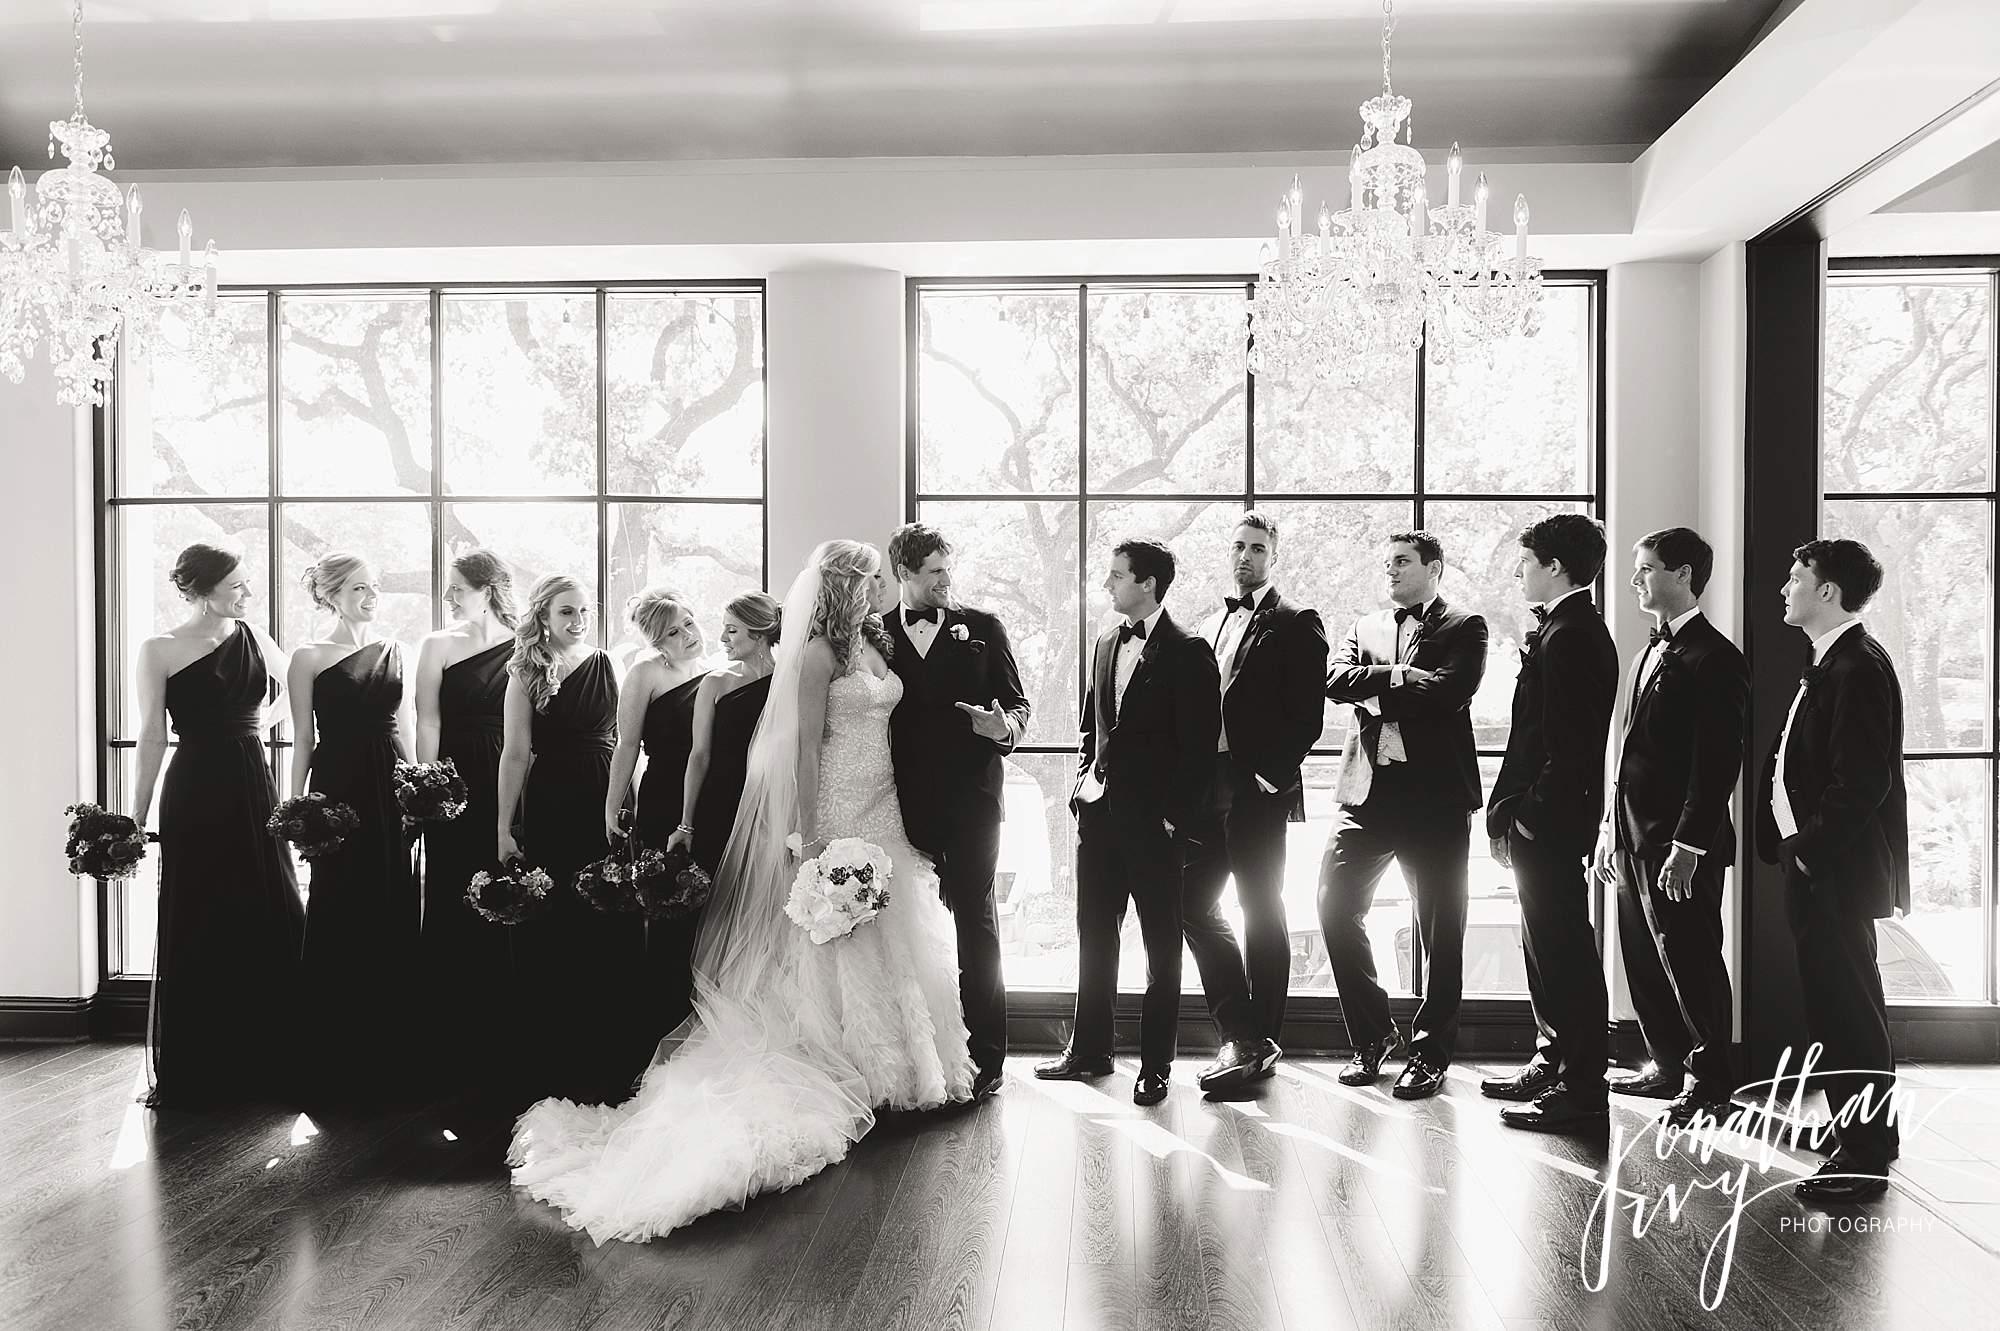 Hotel-Zaza-Houston-Wedding-Reception-0024.jpg